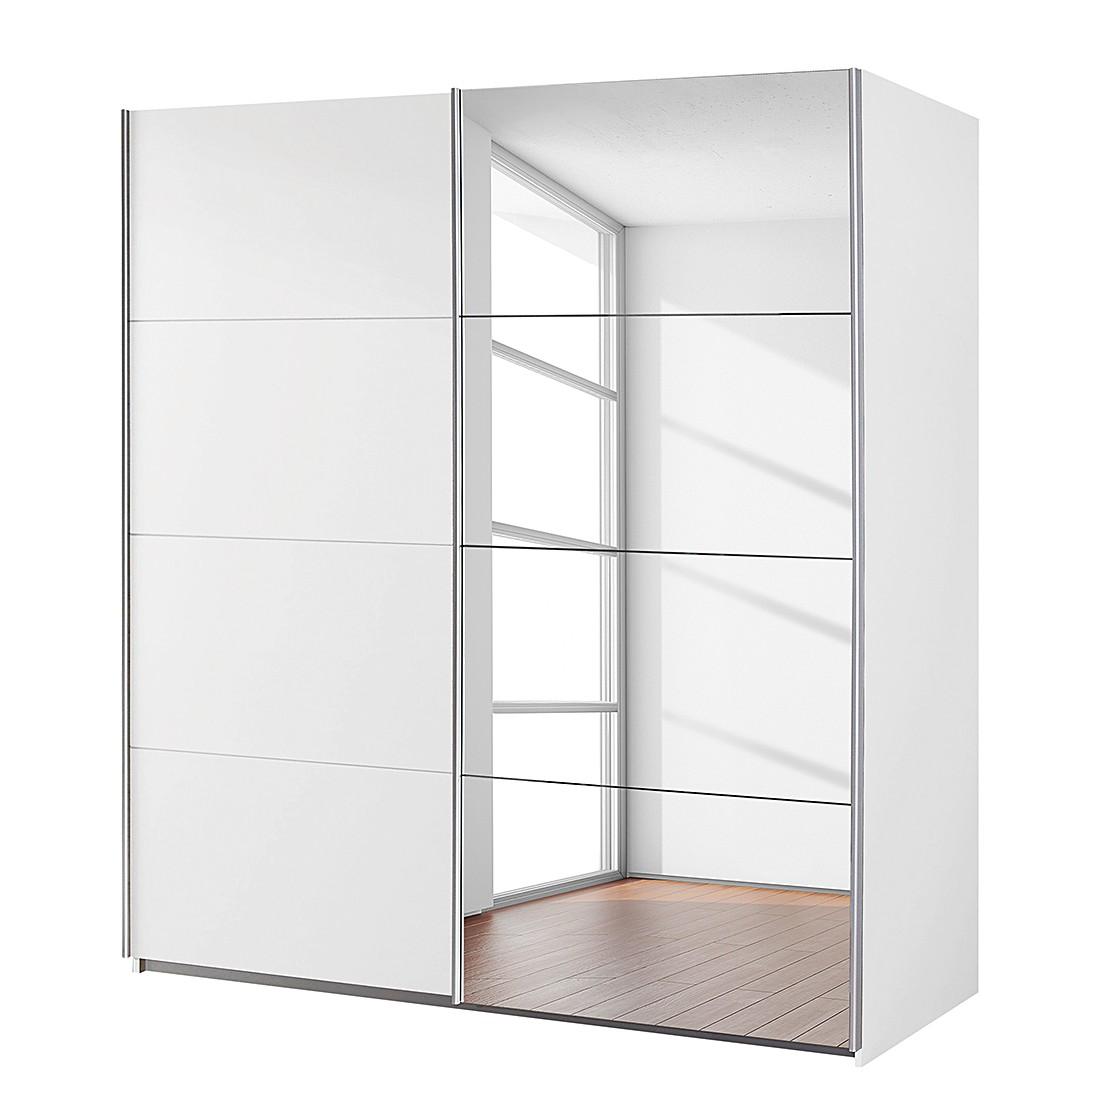 Zweefdeurkast goedkoop Subito 1 spiegeldeur Alpinewit 181cm 2 deurs Rauch Packs